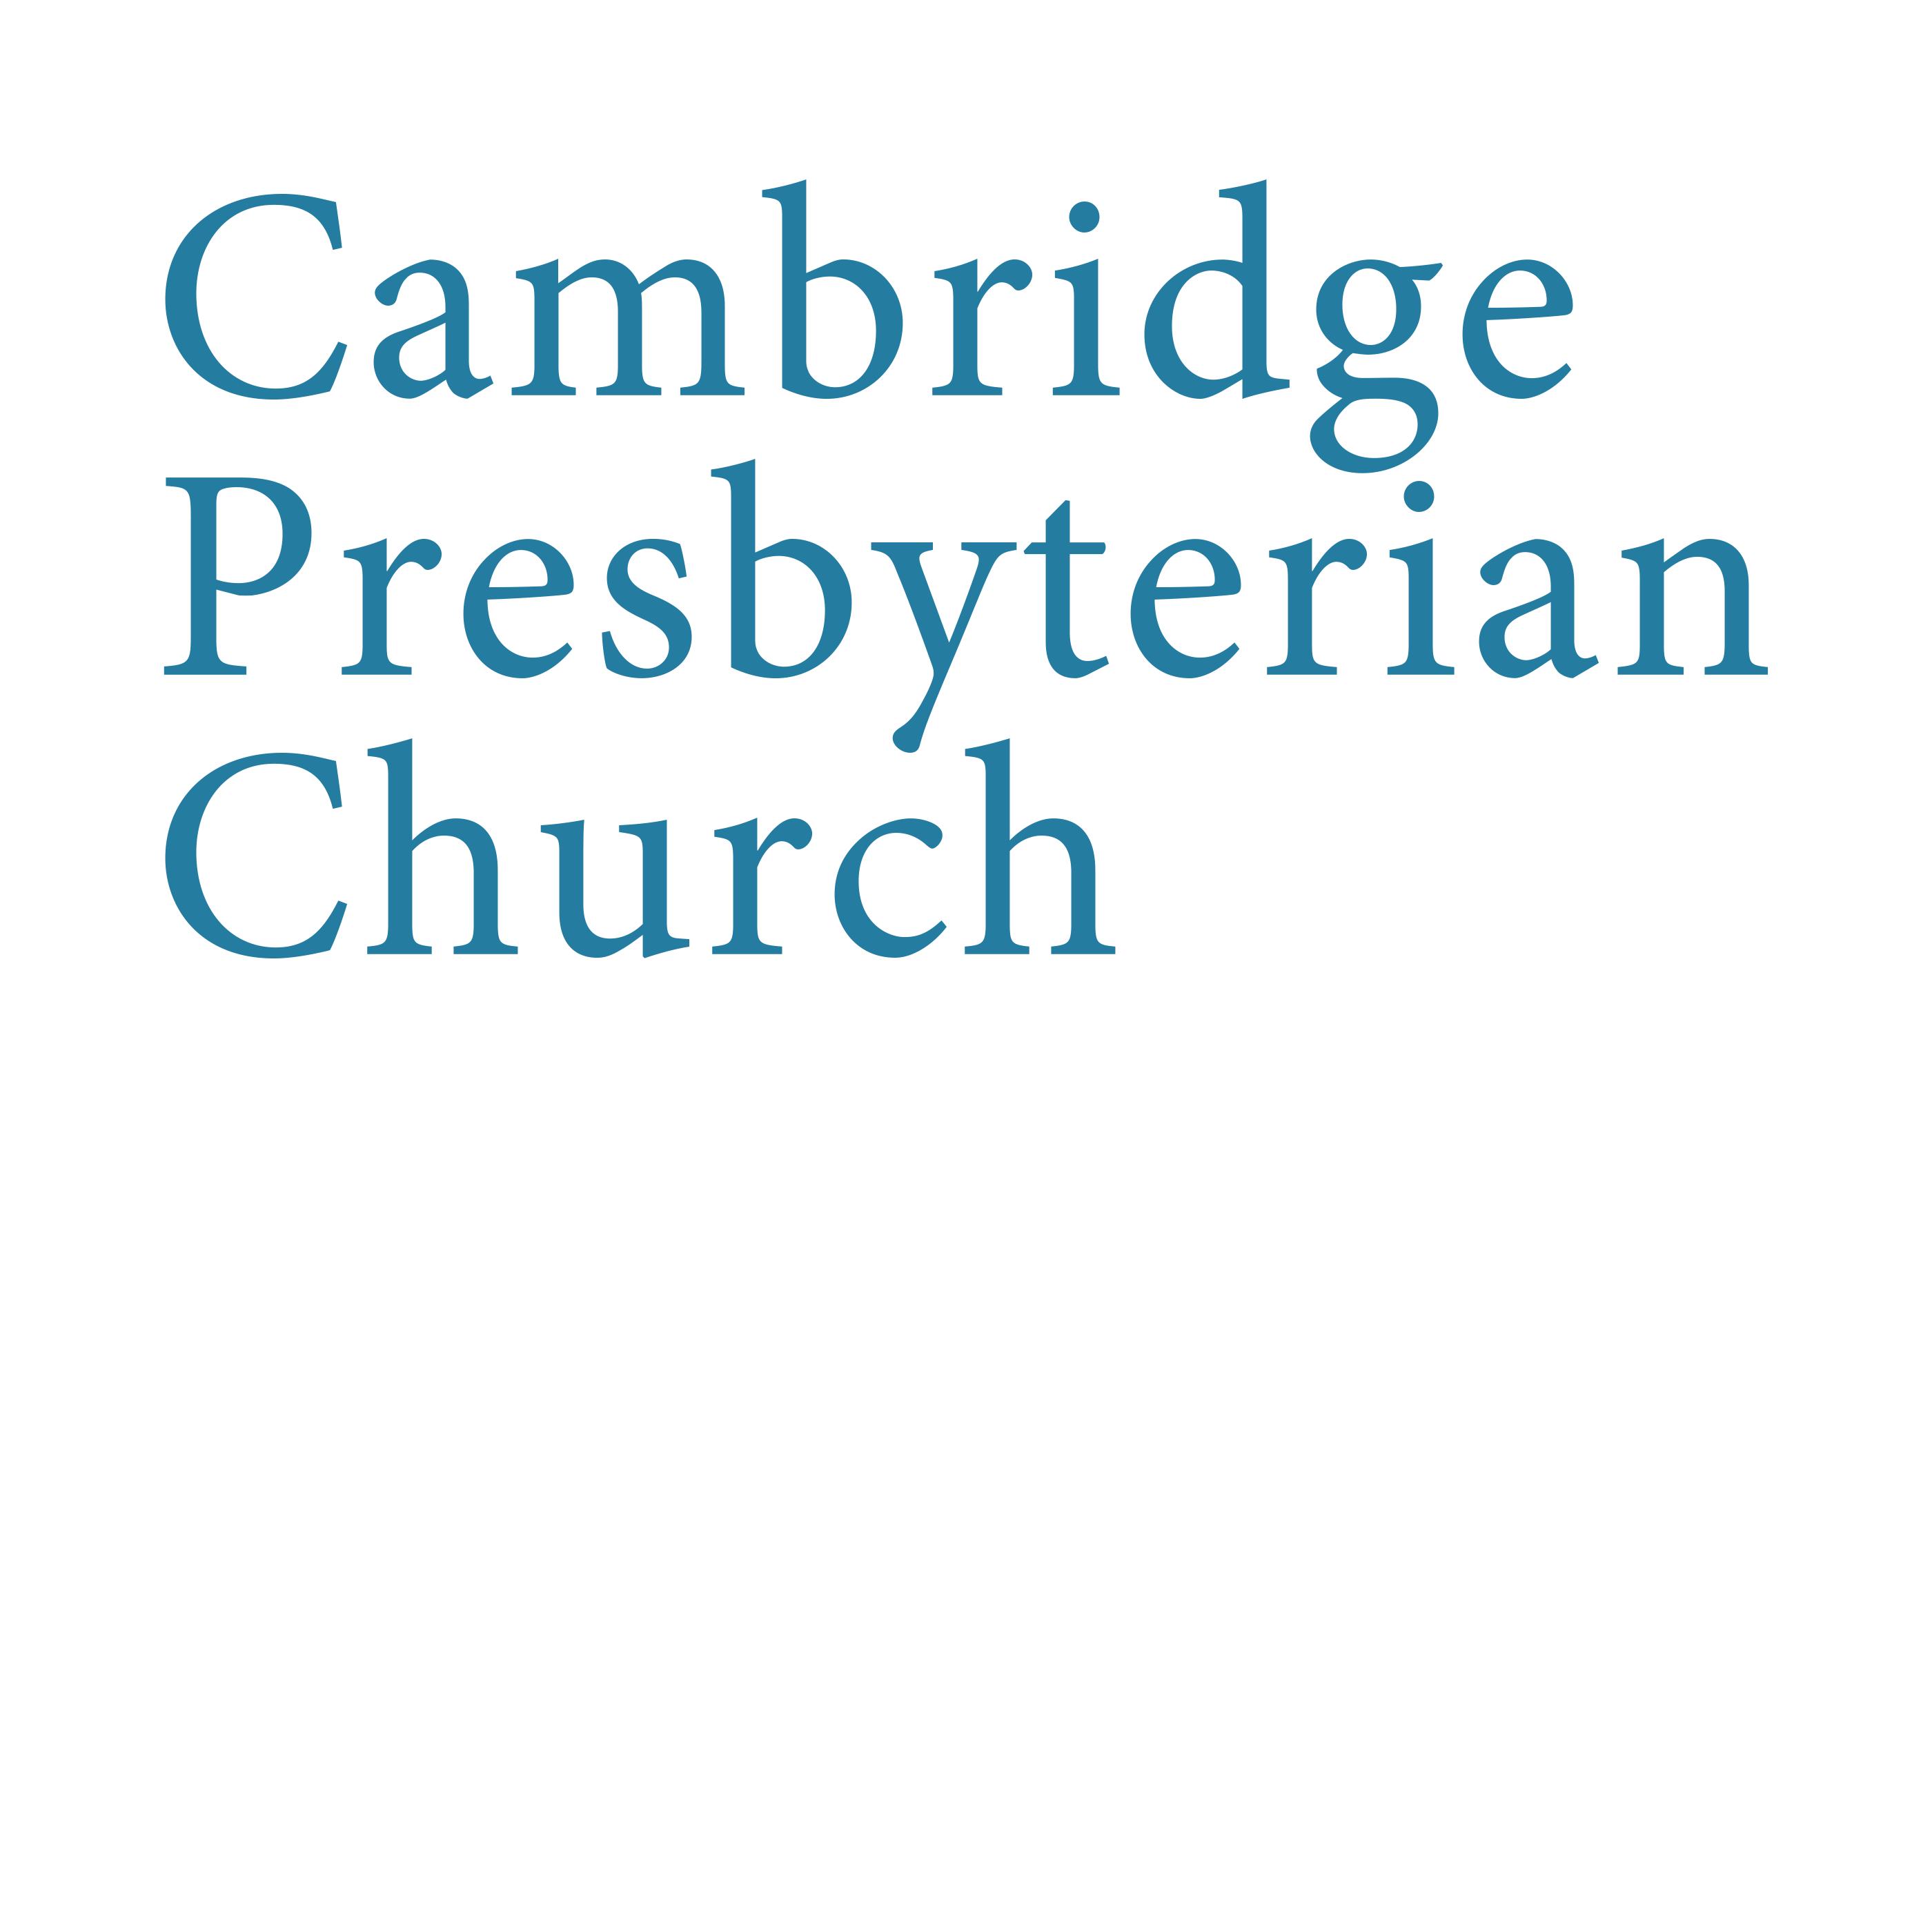 Cambridge Presbyterian Church